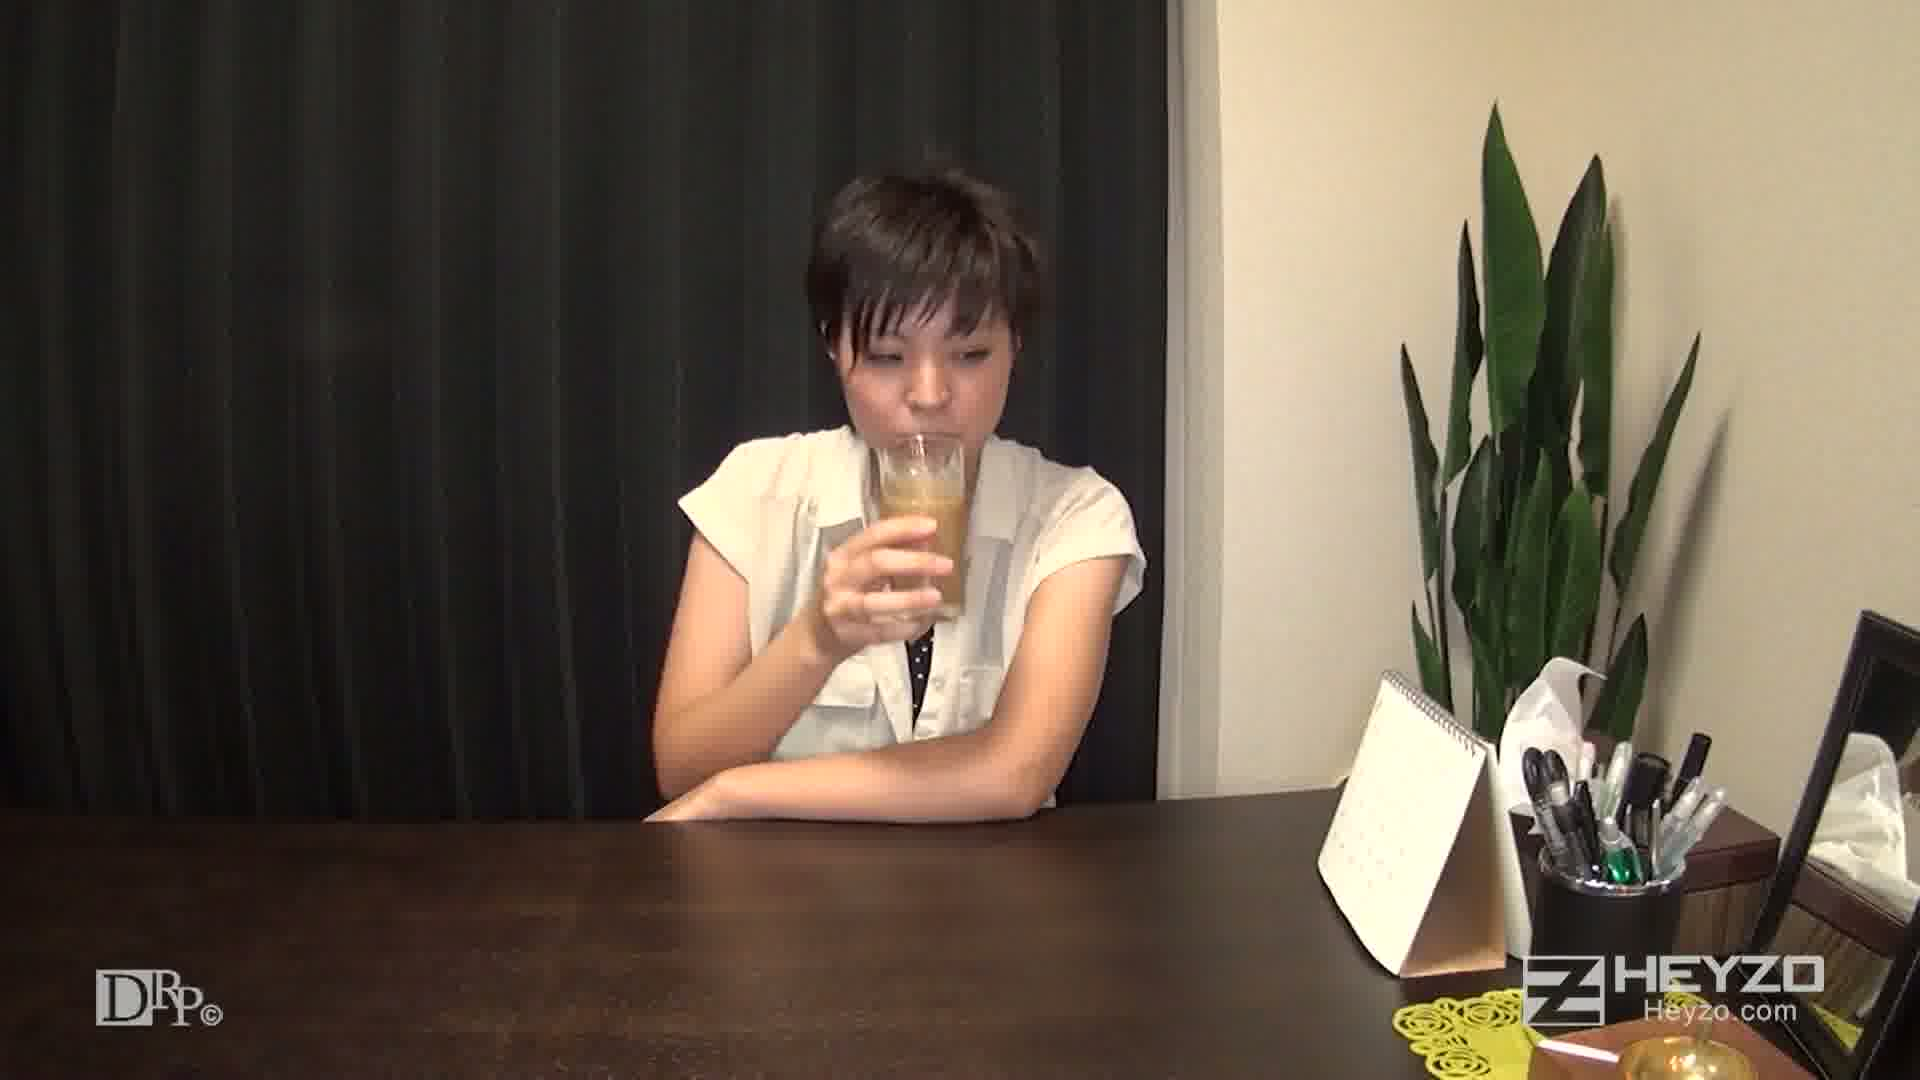 出会い系SNSハメ撮り日記~メイド喫茶店員とニャンニャンえっち~ - 木田美優【インタビュー 着替え】